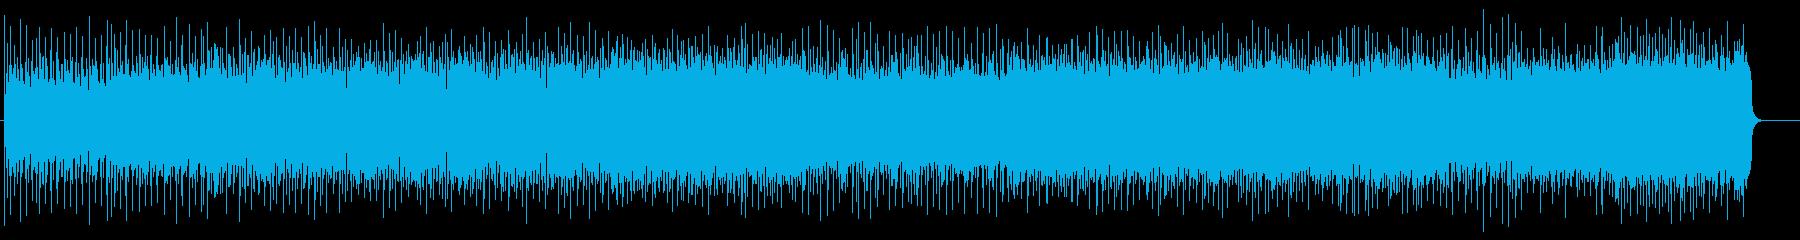 スリリングなマイナーヘヴィロックの再生済みの波形